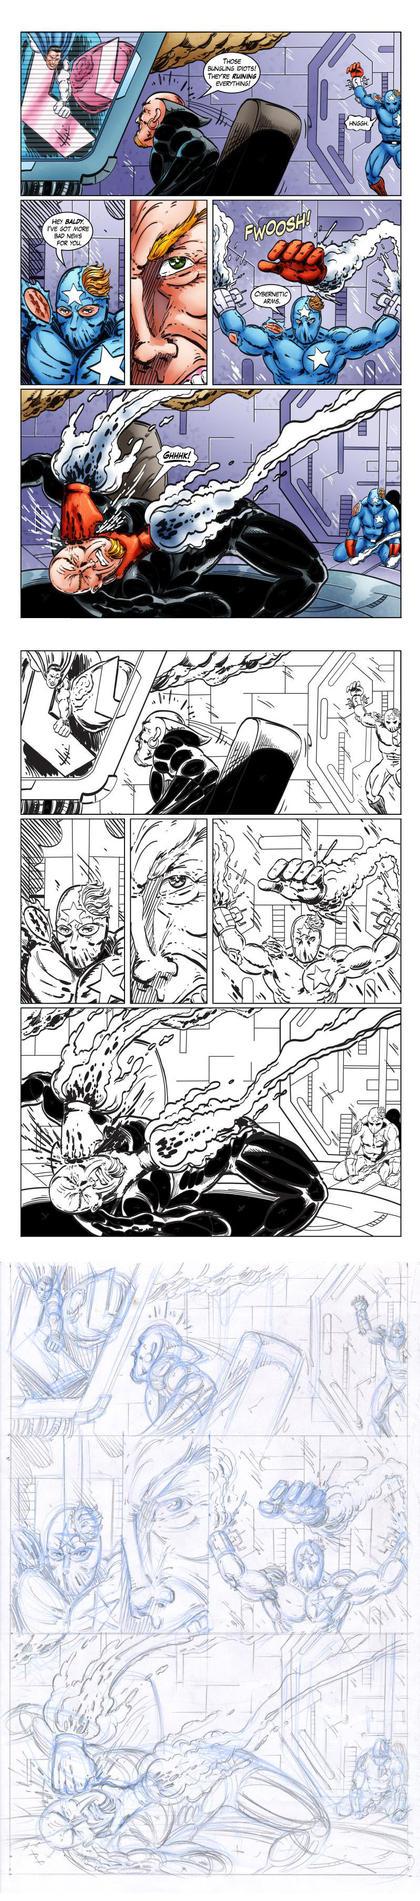 Shift Universe #2 - Page 25 by joeyjarin